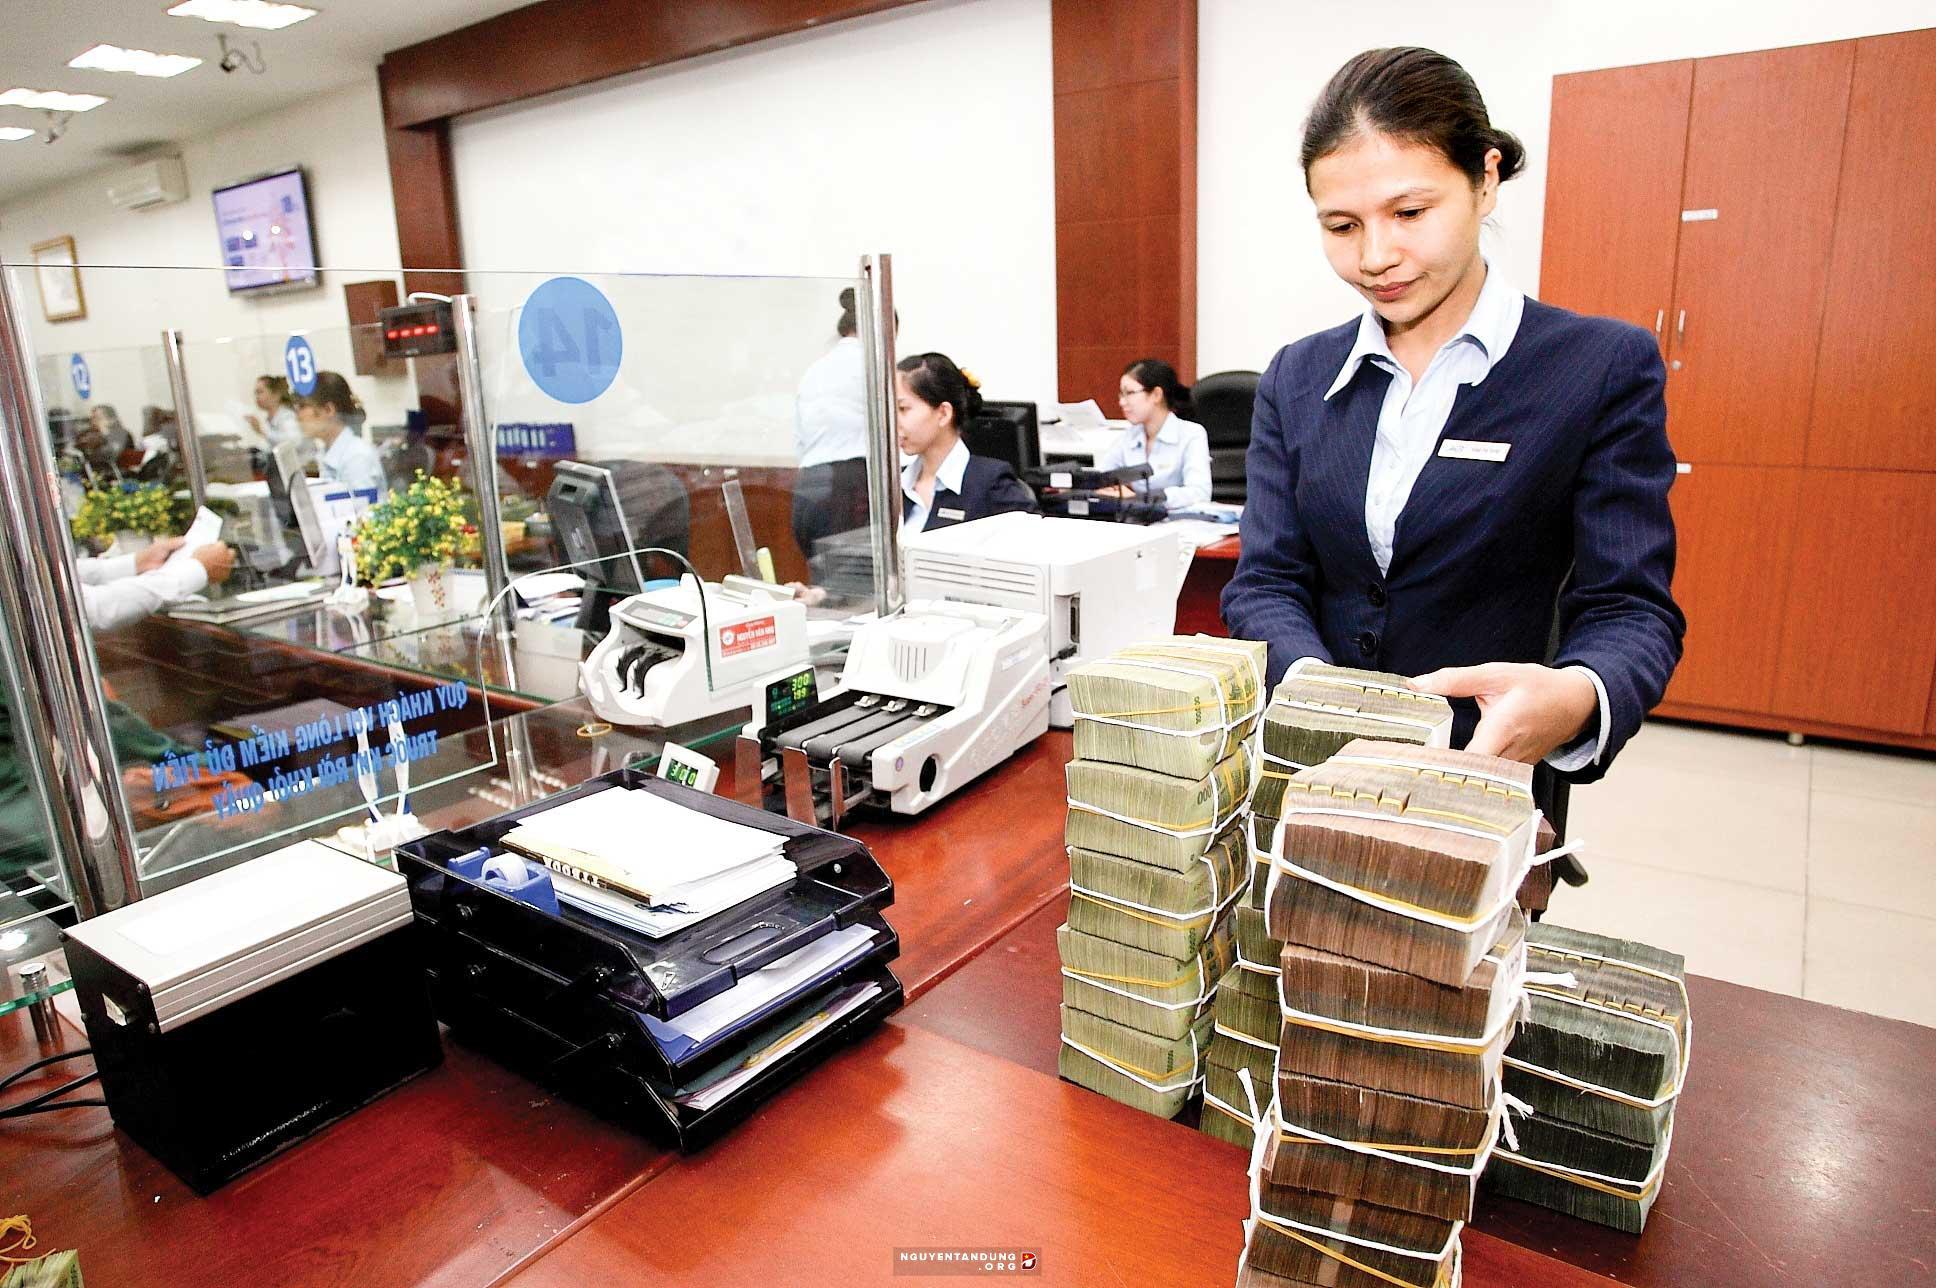 Bổ sung quy định chấp thuận danh sách dự kiến nhân sự của ngân hàng khi khuyết người đại diện pháp luật - Ảnh 2.